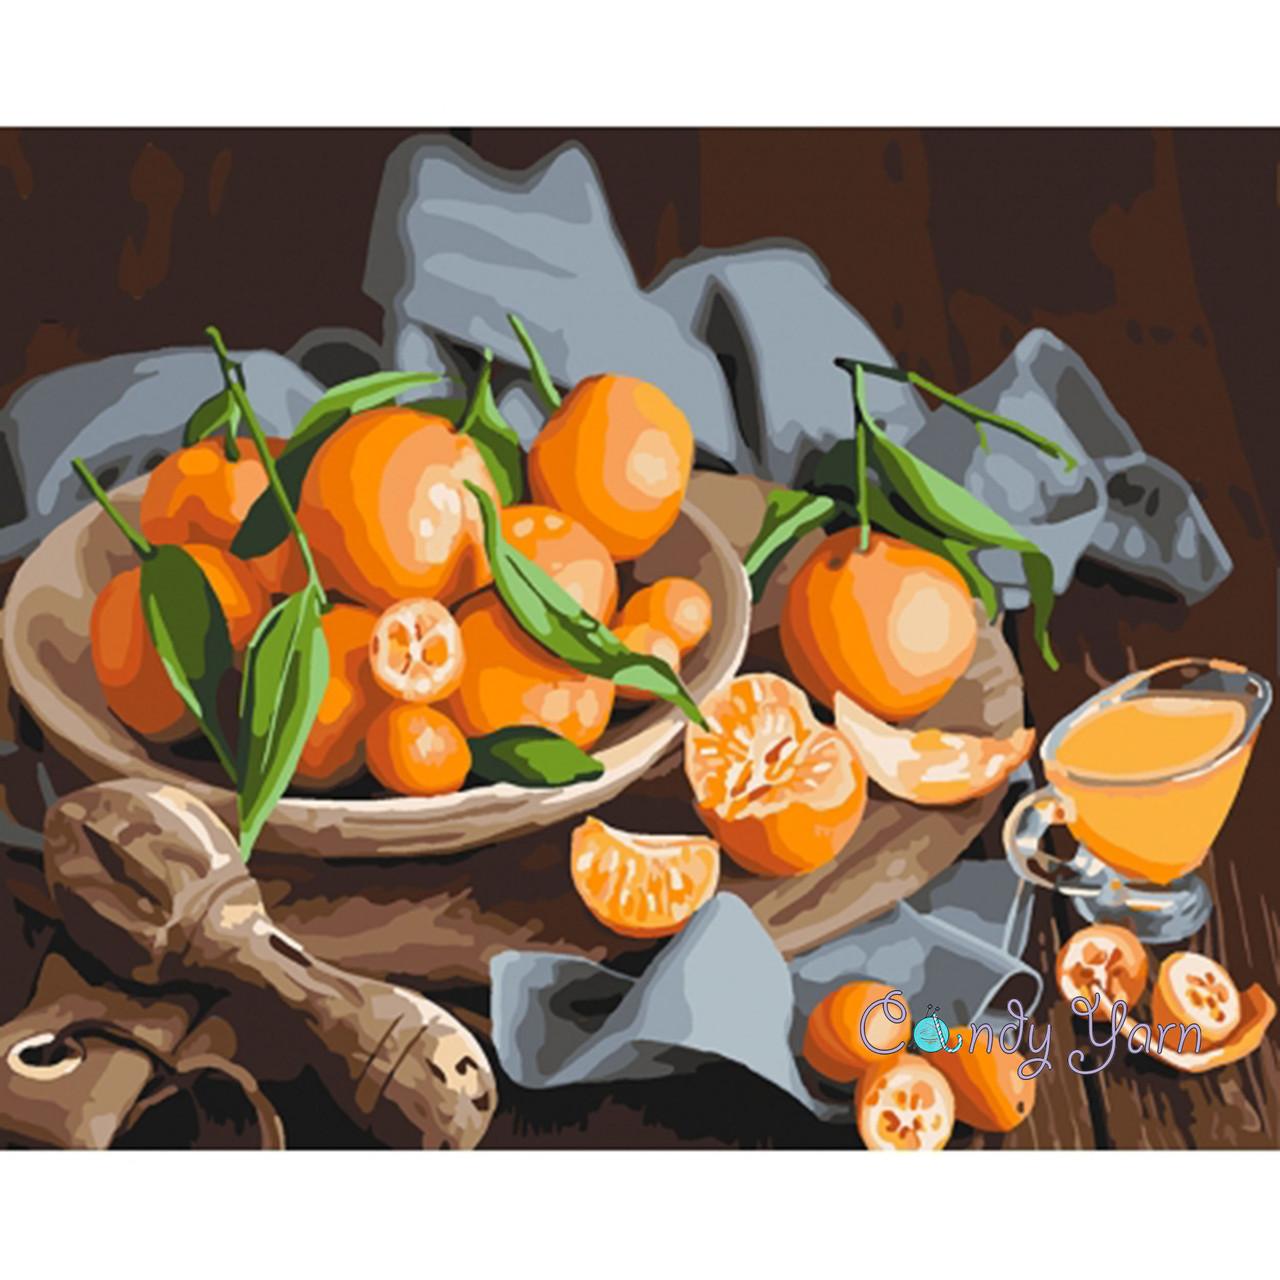 """Картины по номерам 40*50 """"Оранжевое наслаждение"""" №5545 ..."""